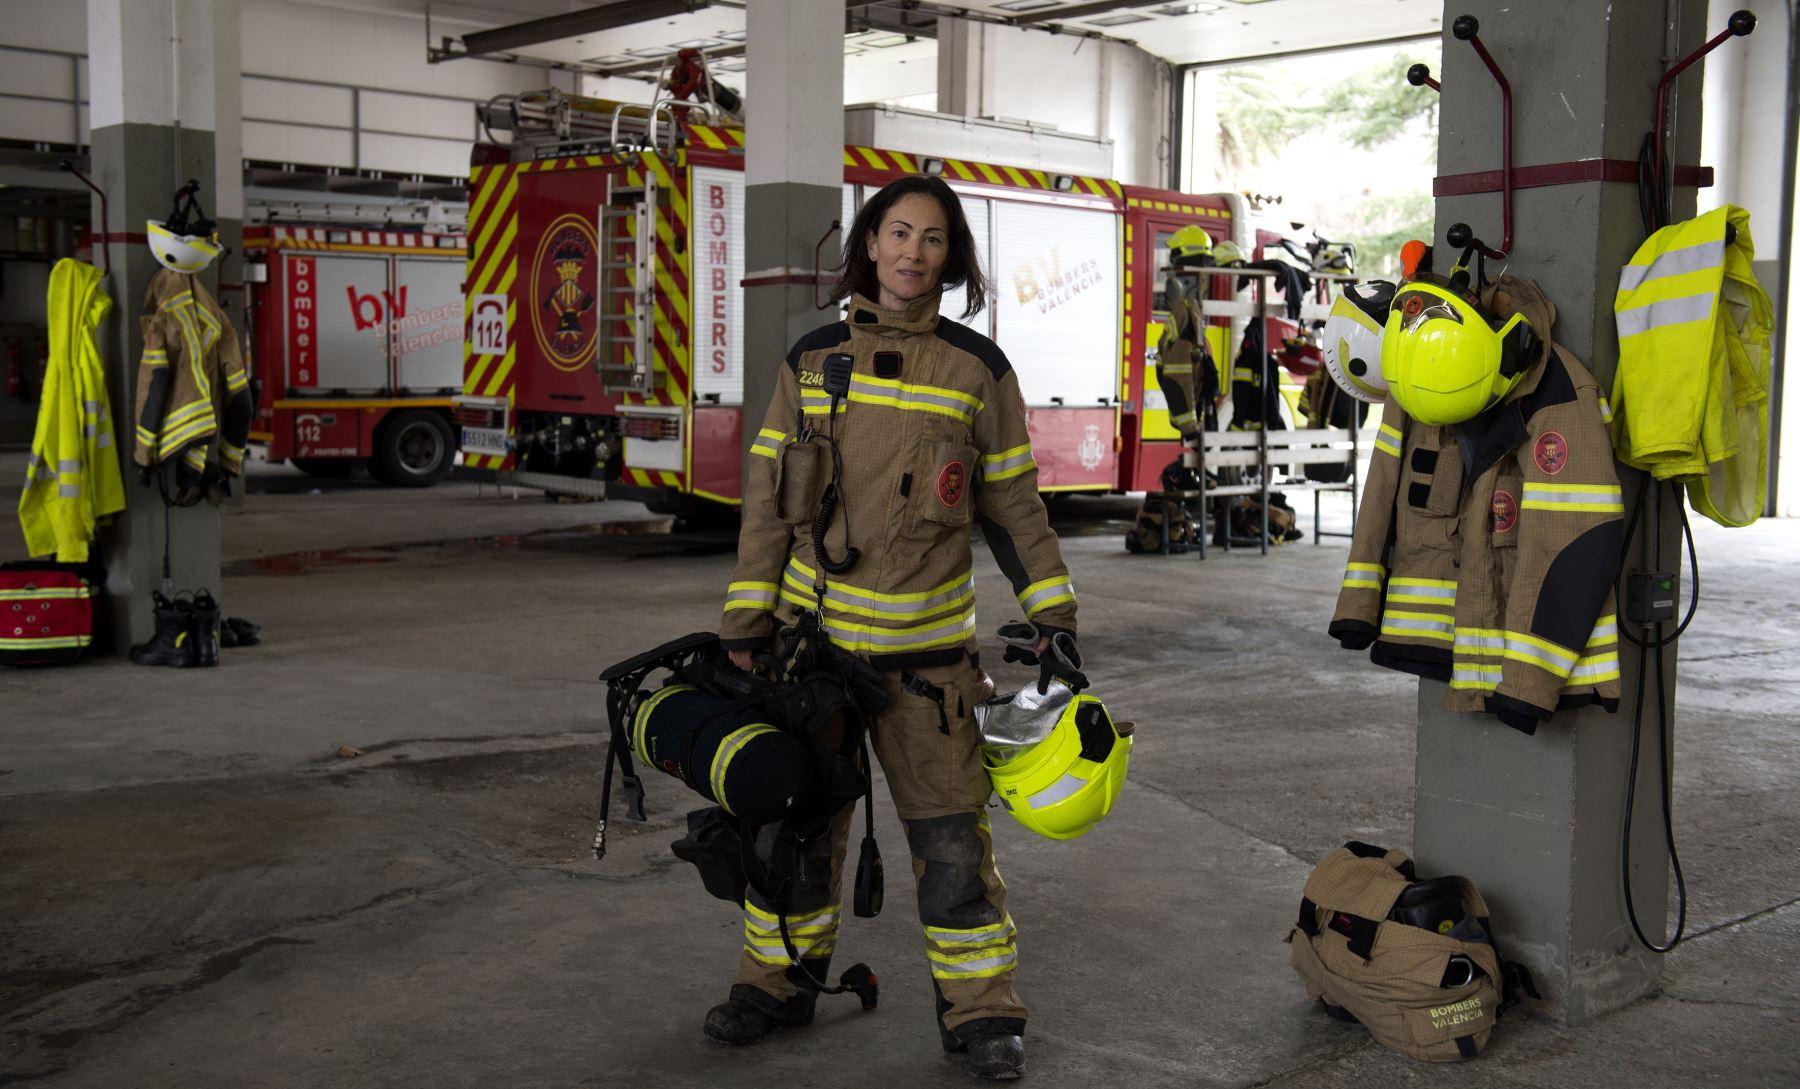 María José Martienz Ortiz, 43, bombera españoal posa para una foto en las instalaciones de la estación de bomberos